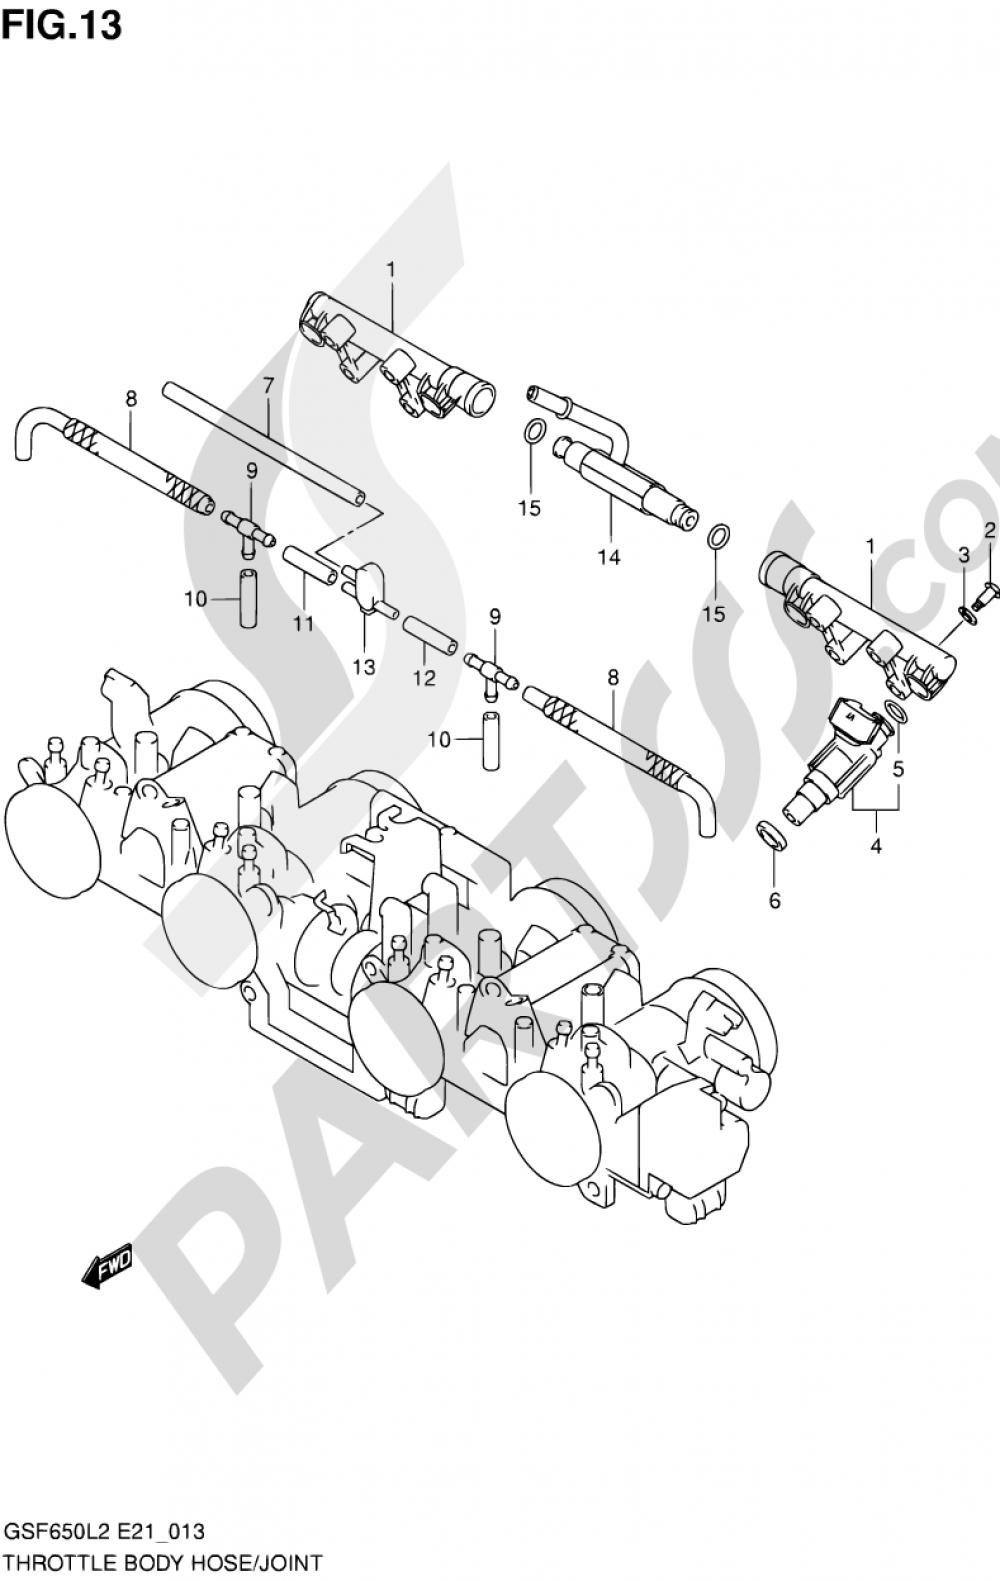 13 - THROTTLE BODY HOSE/JOINT Suzuki BANDIT GSF650S 2012